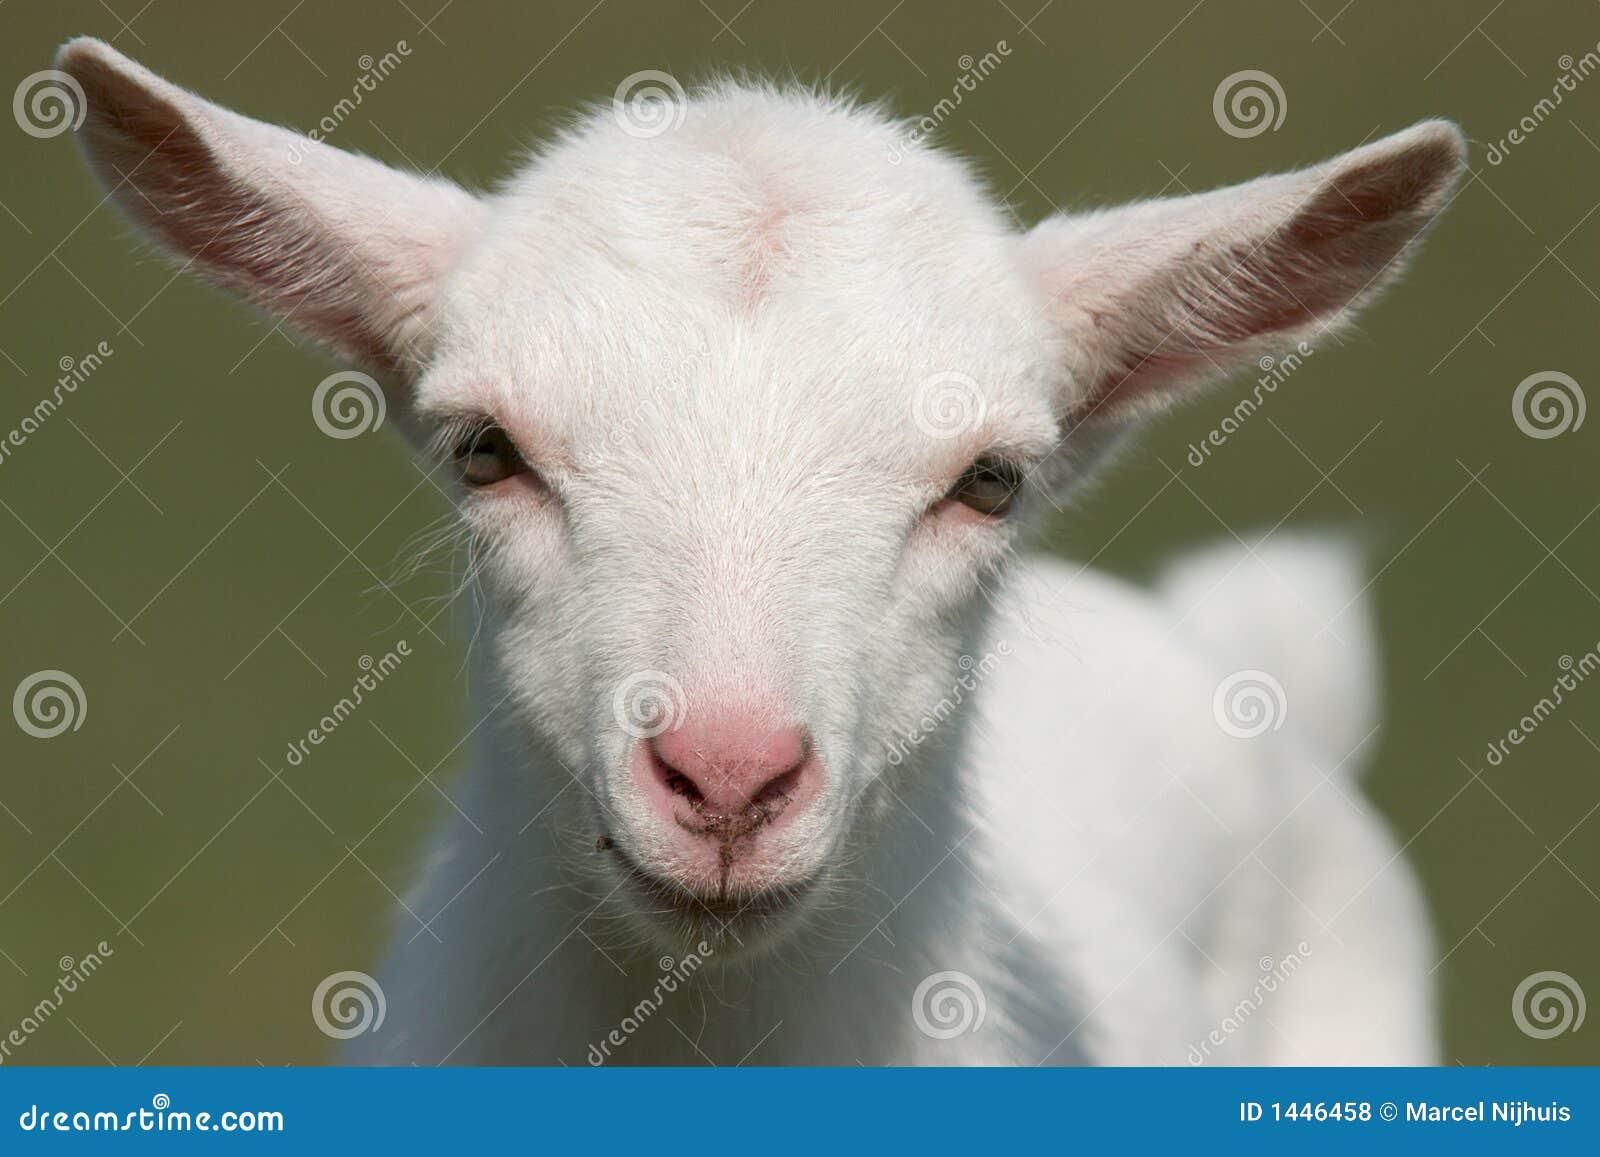 cute goat vector